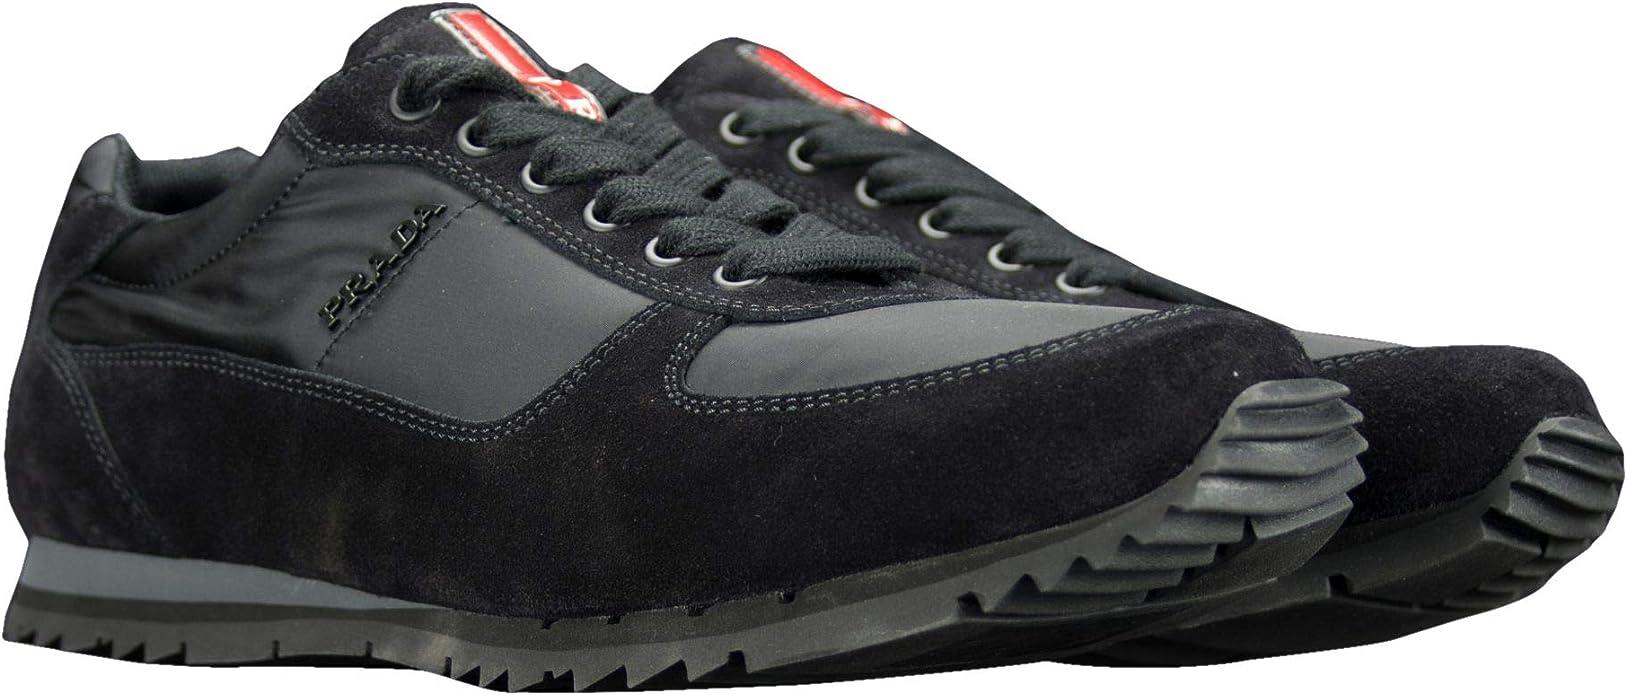 Prada Shoes 4E2721 Black New Mens